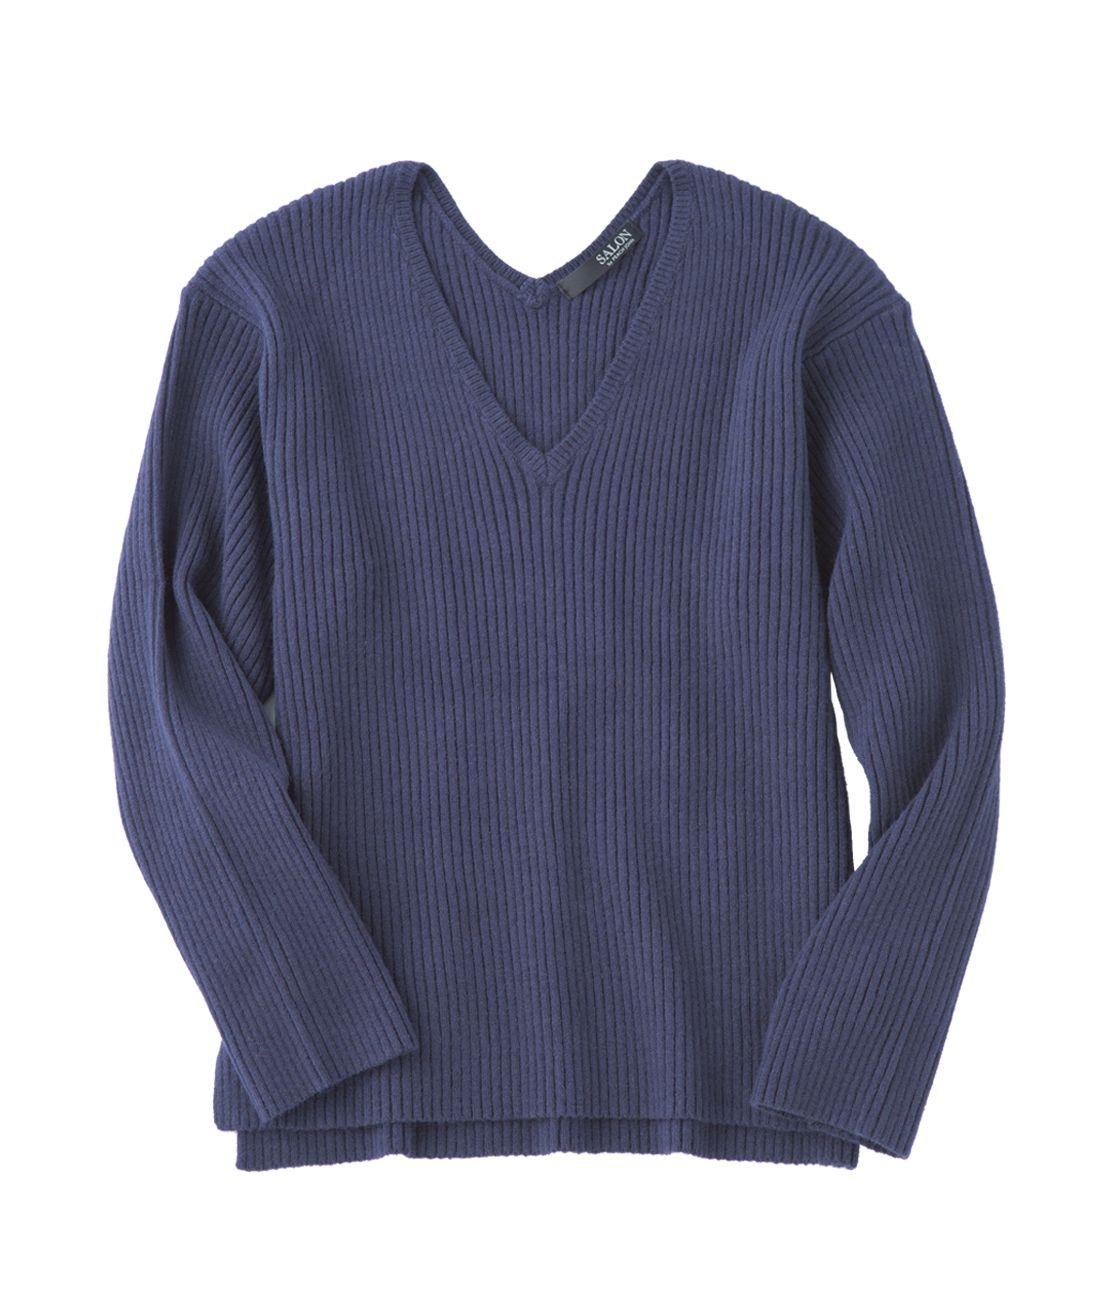 Wide rib knit top